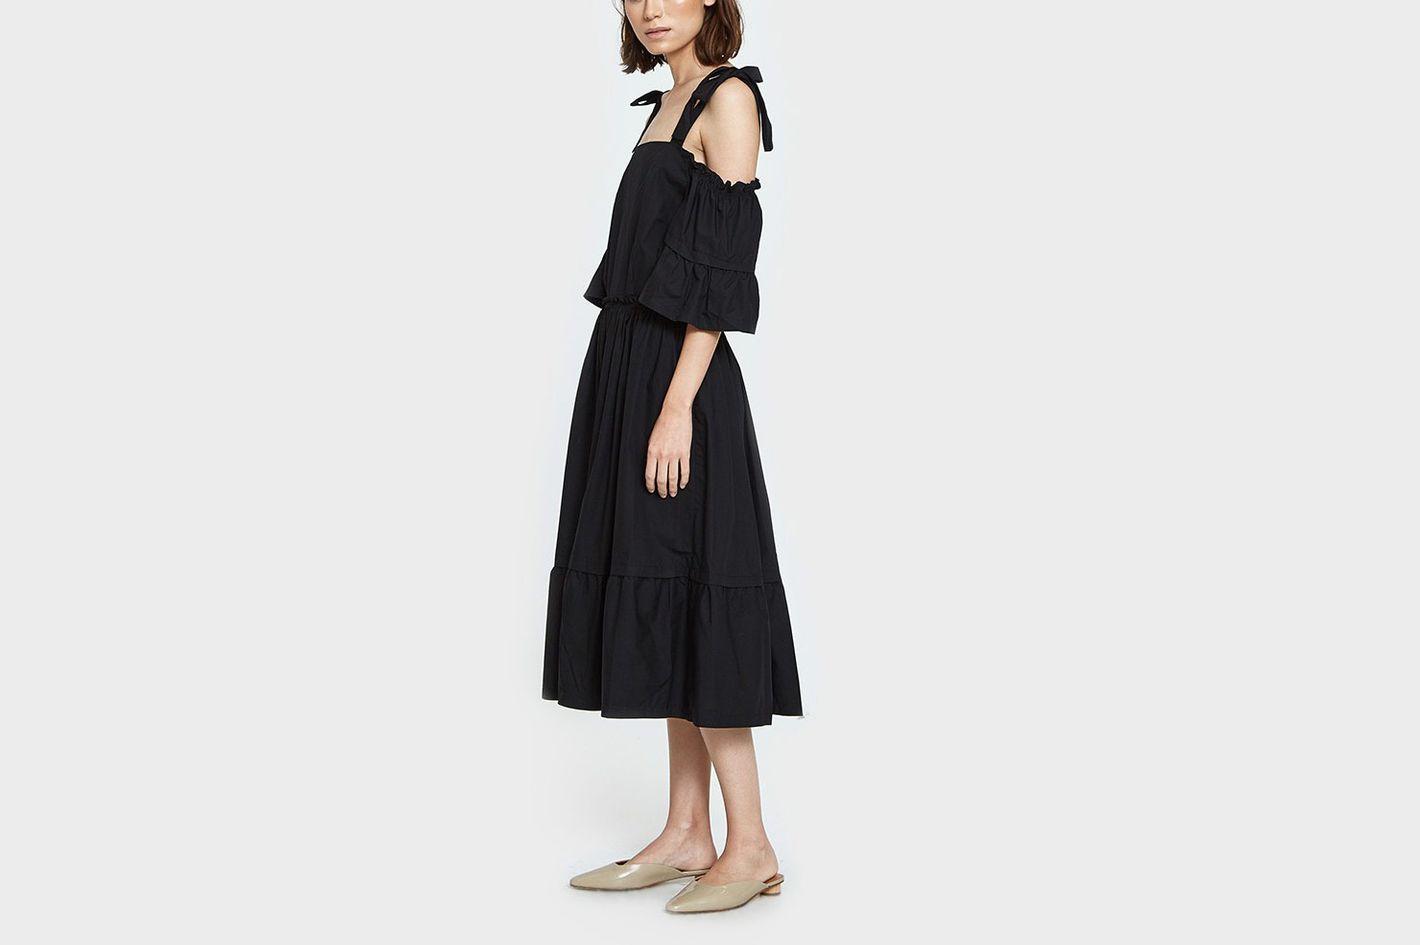 Farrow Alessia Dress